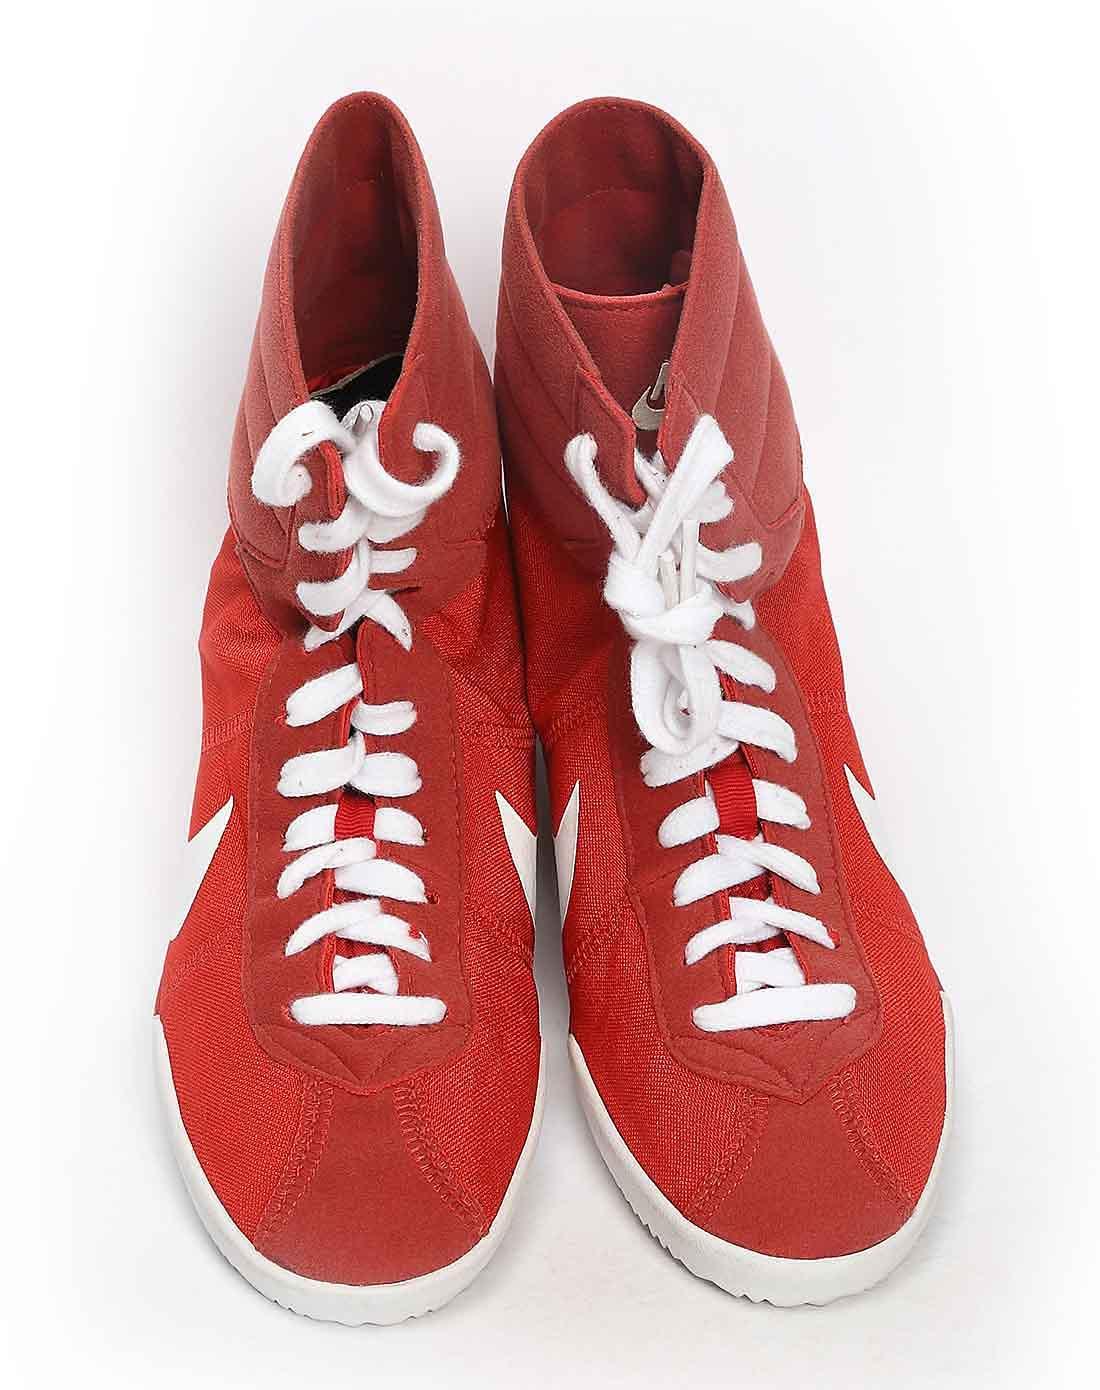 耐克nike-女子红色复古鞋429887-600